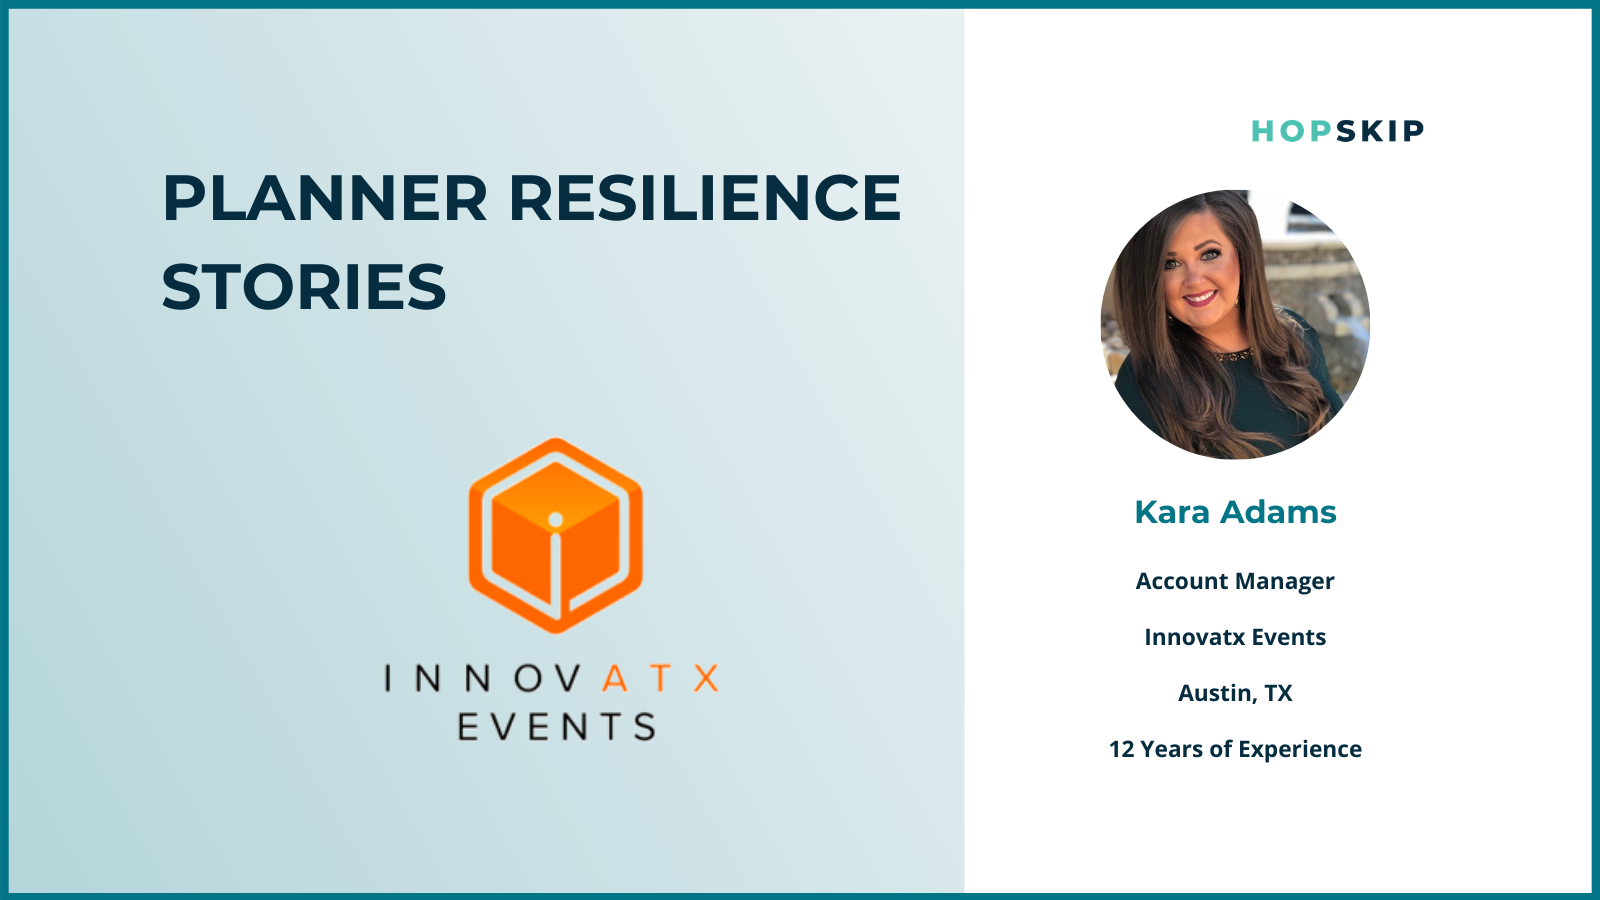 Kara Adams Innovatx Events